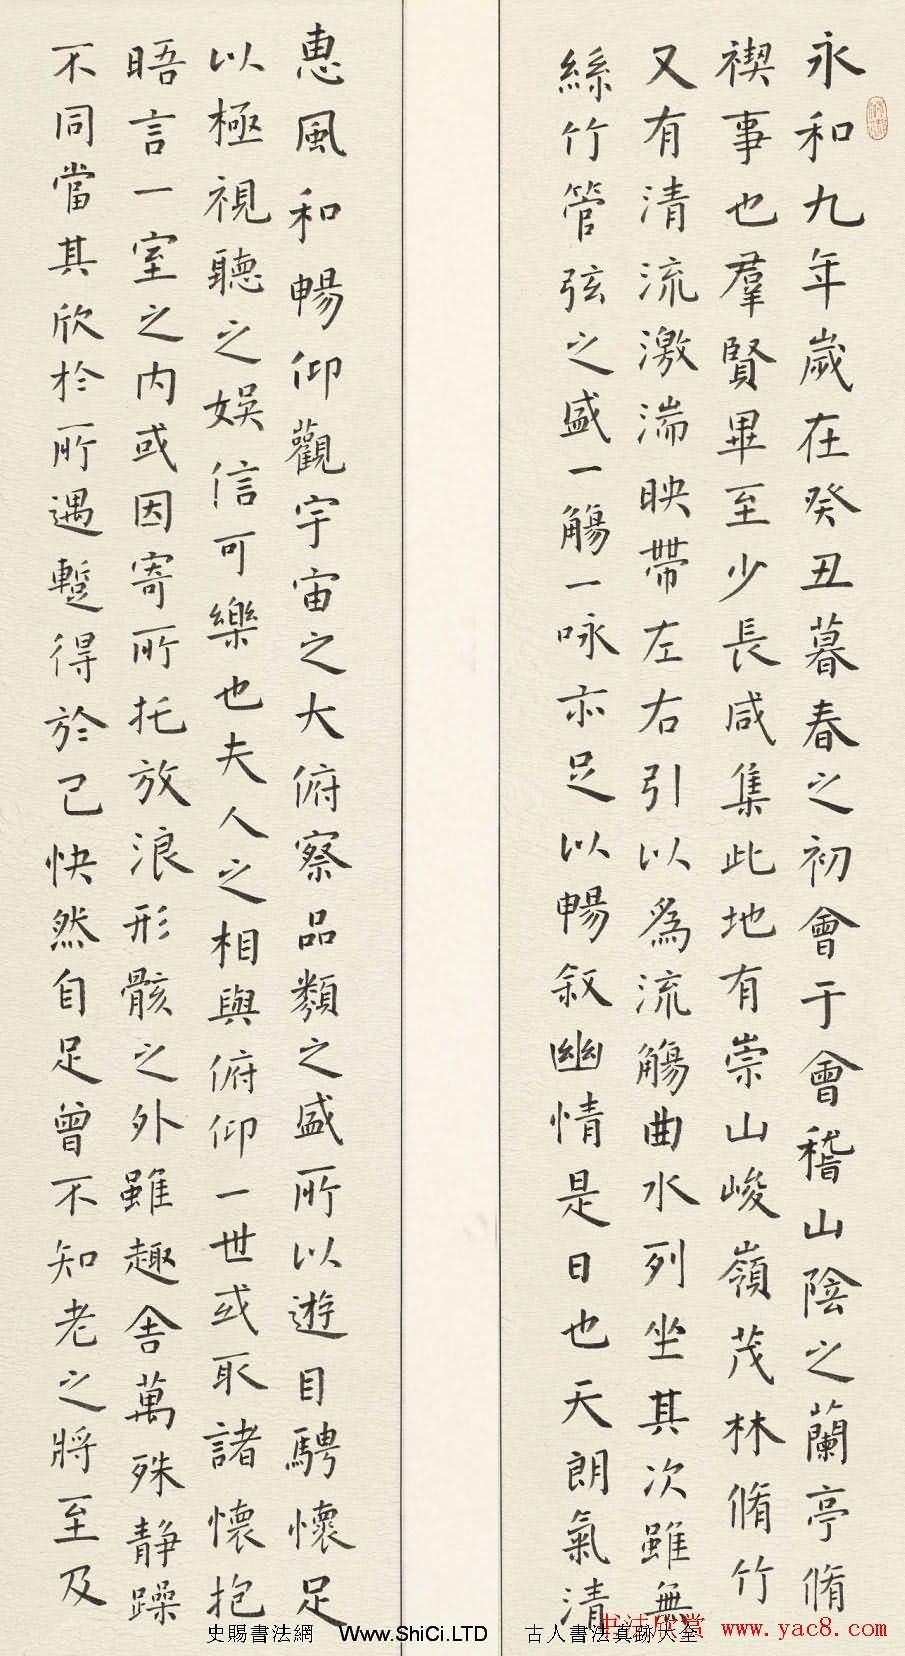 張良楷書蘭亭序與行書蘭亭序(共4張圖片)